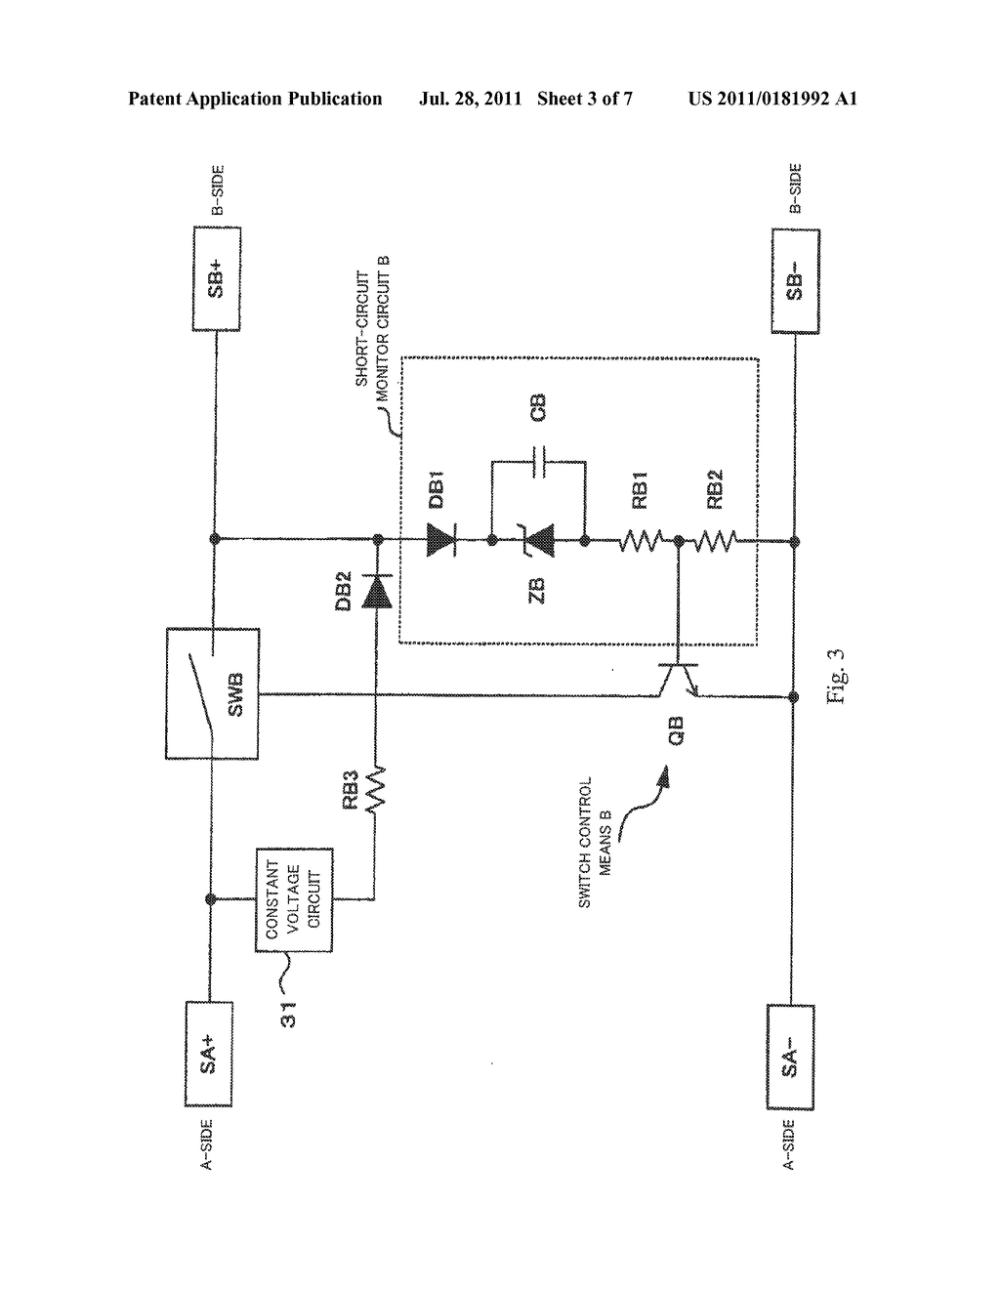 medium resolution of short circuit isolator diagram schematic and image 04isolator schematic 1